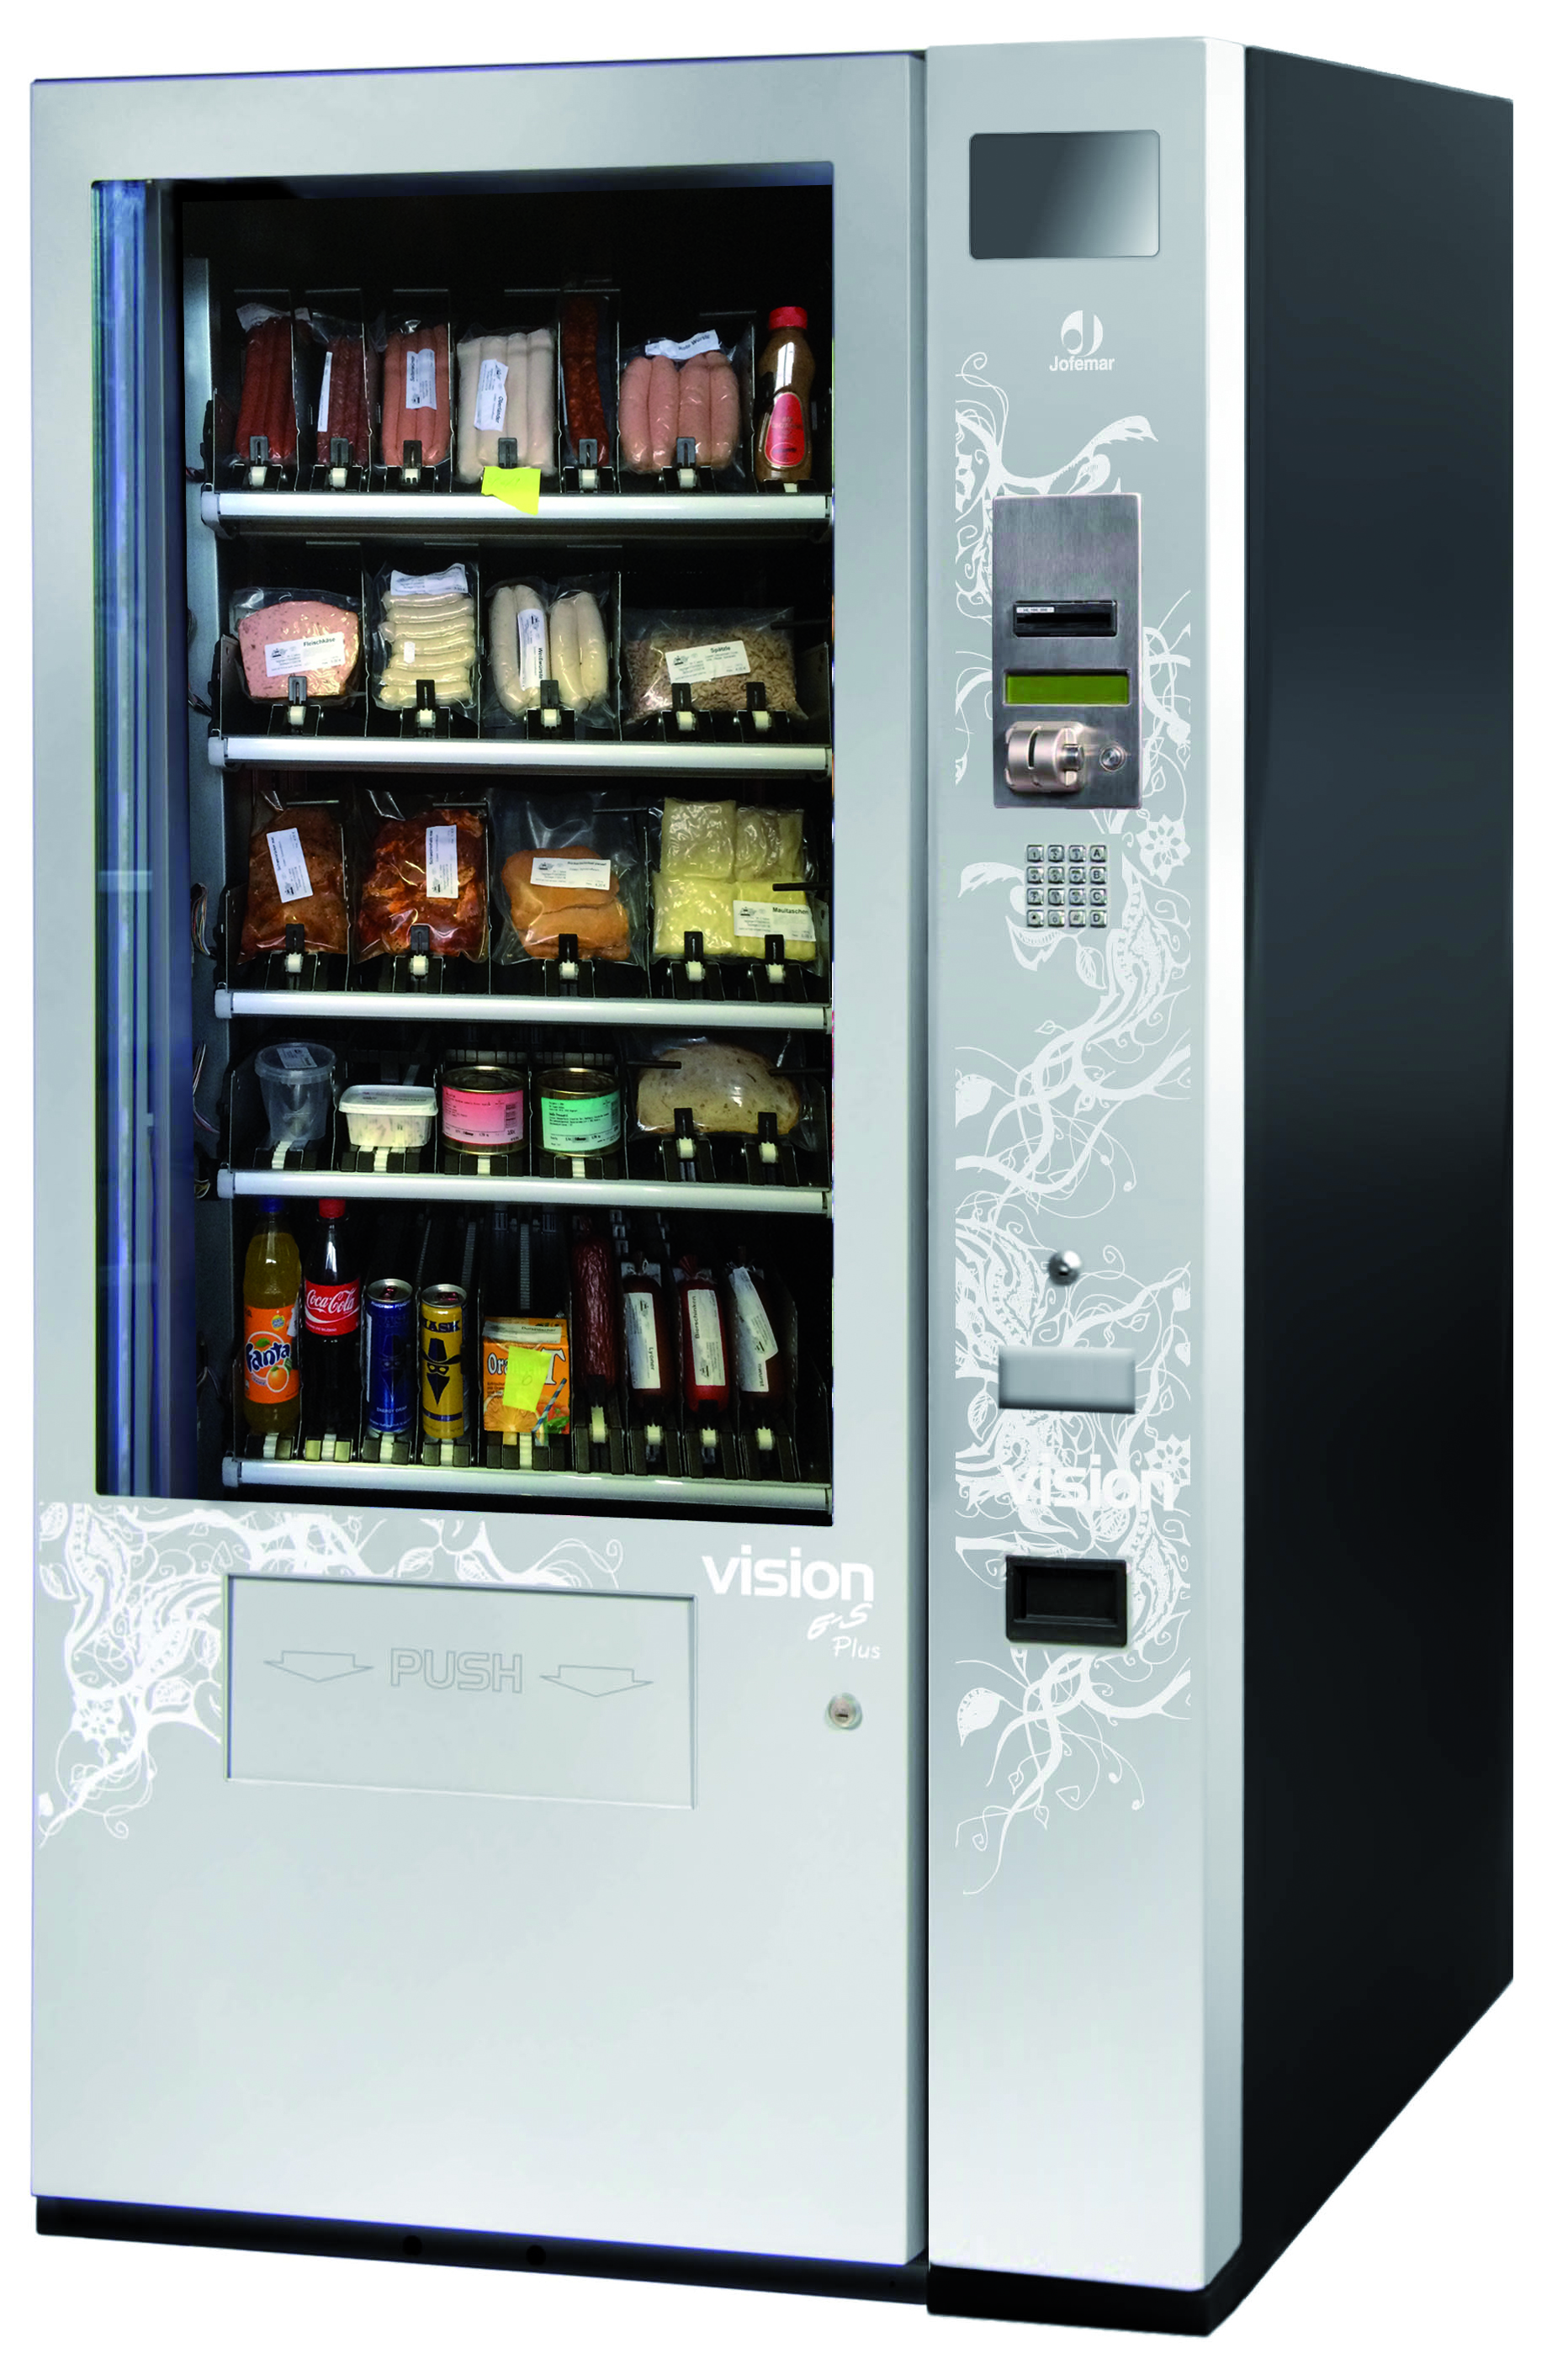 Verkaufsautomaten